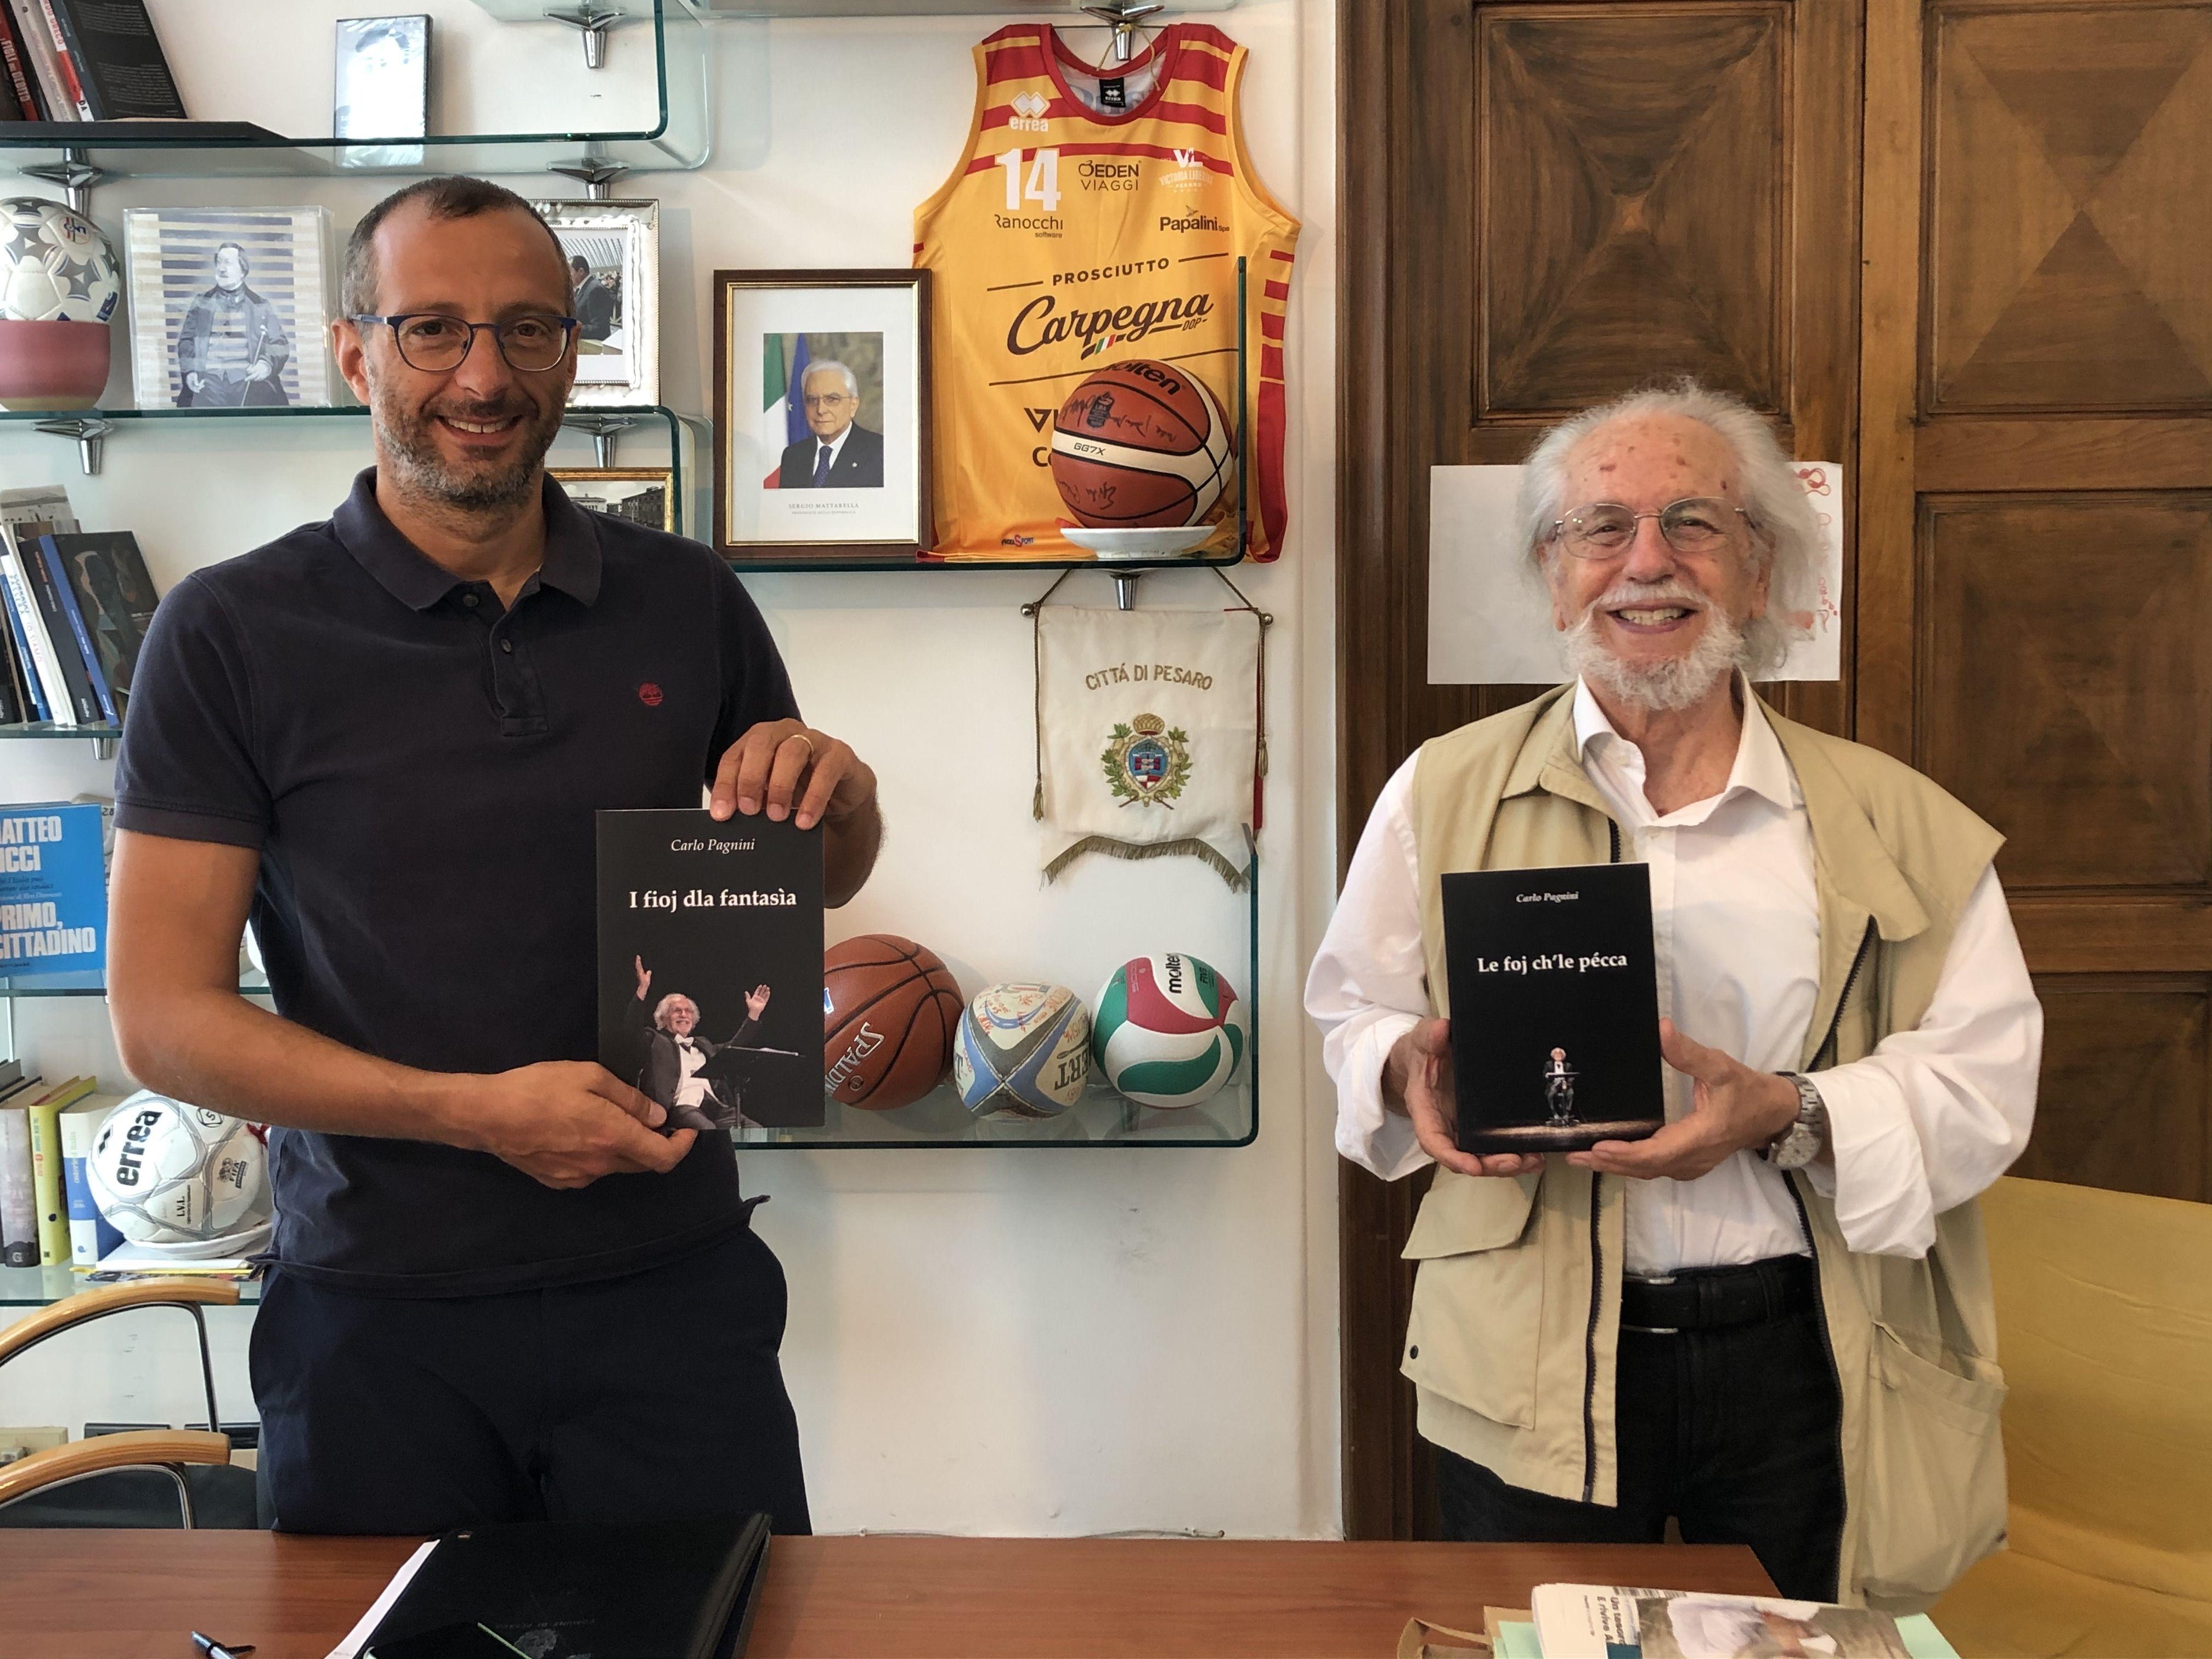 Ricci e Carlo Pagnini